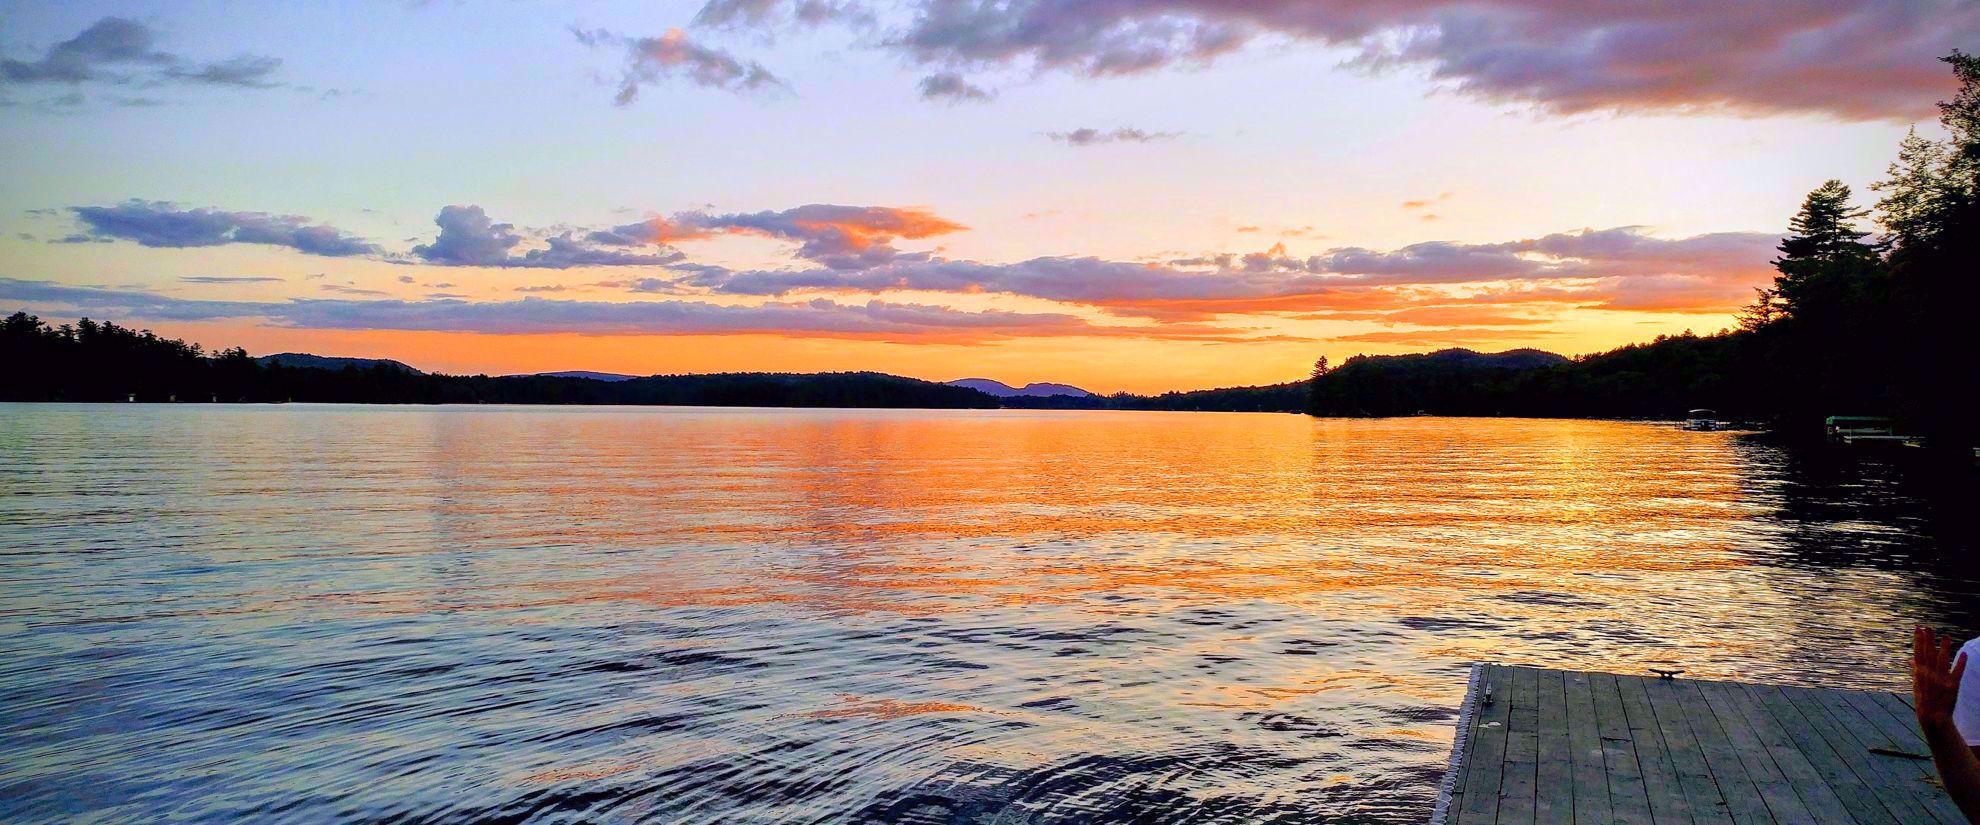 Sunrise on Adirondack lake